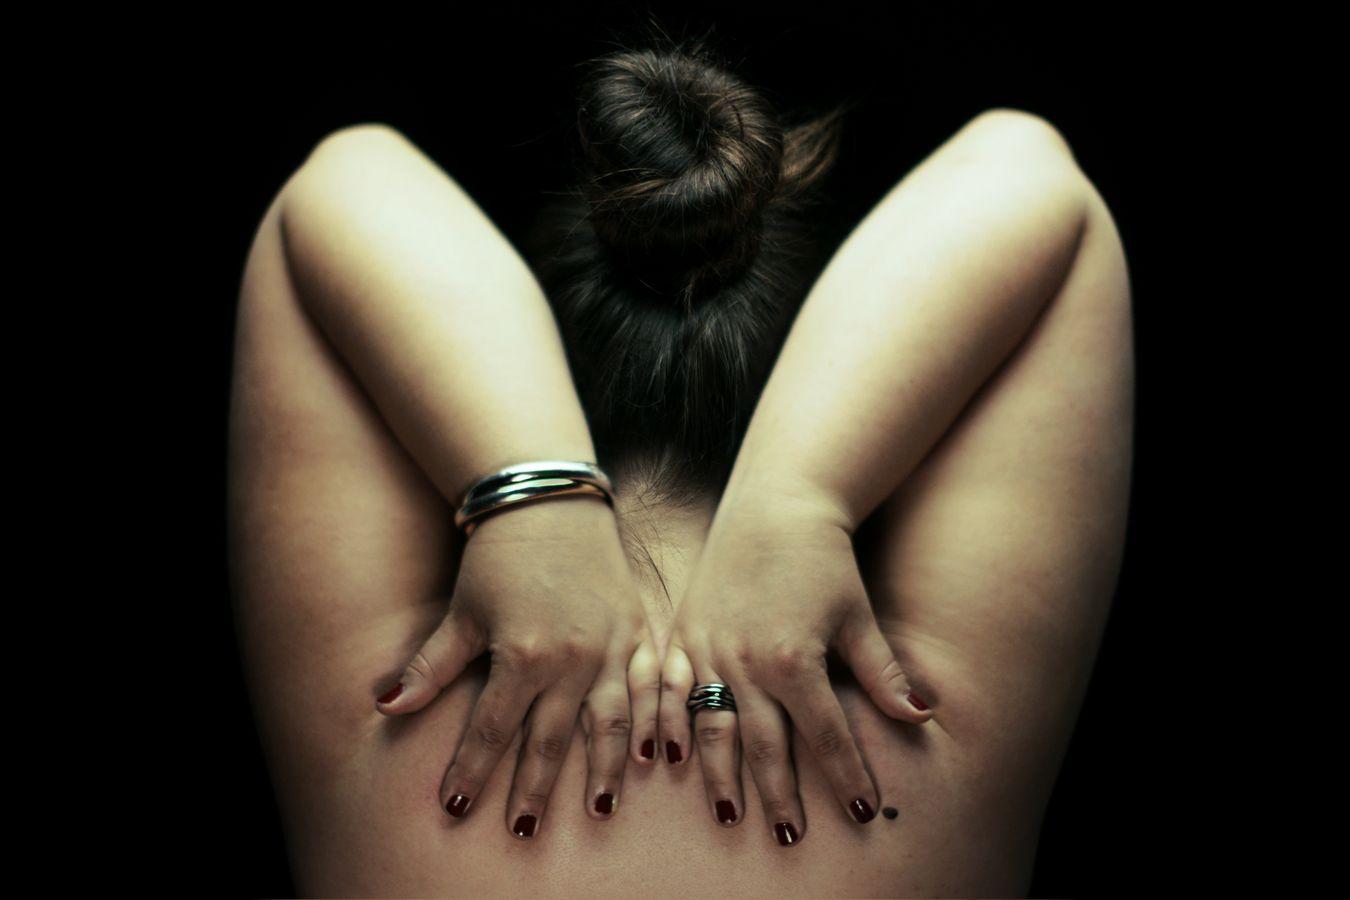 Douces, les bras en l'air, ramène ses mains dans son dos de part et d'autre de son chignon. Ses ongles rouges et ses bijoux contrastent avec sa peau pâle.